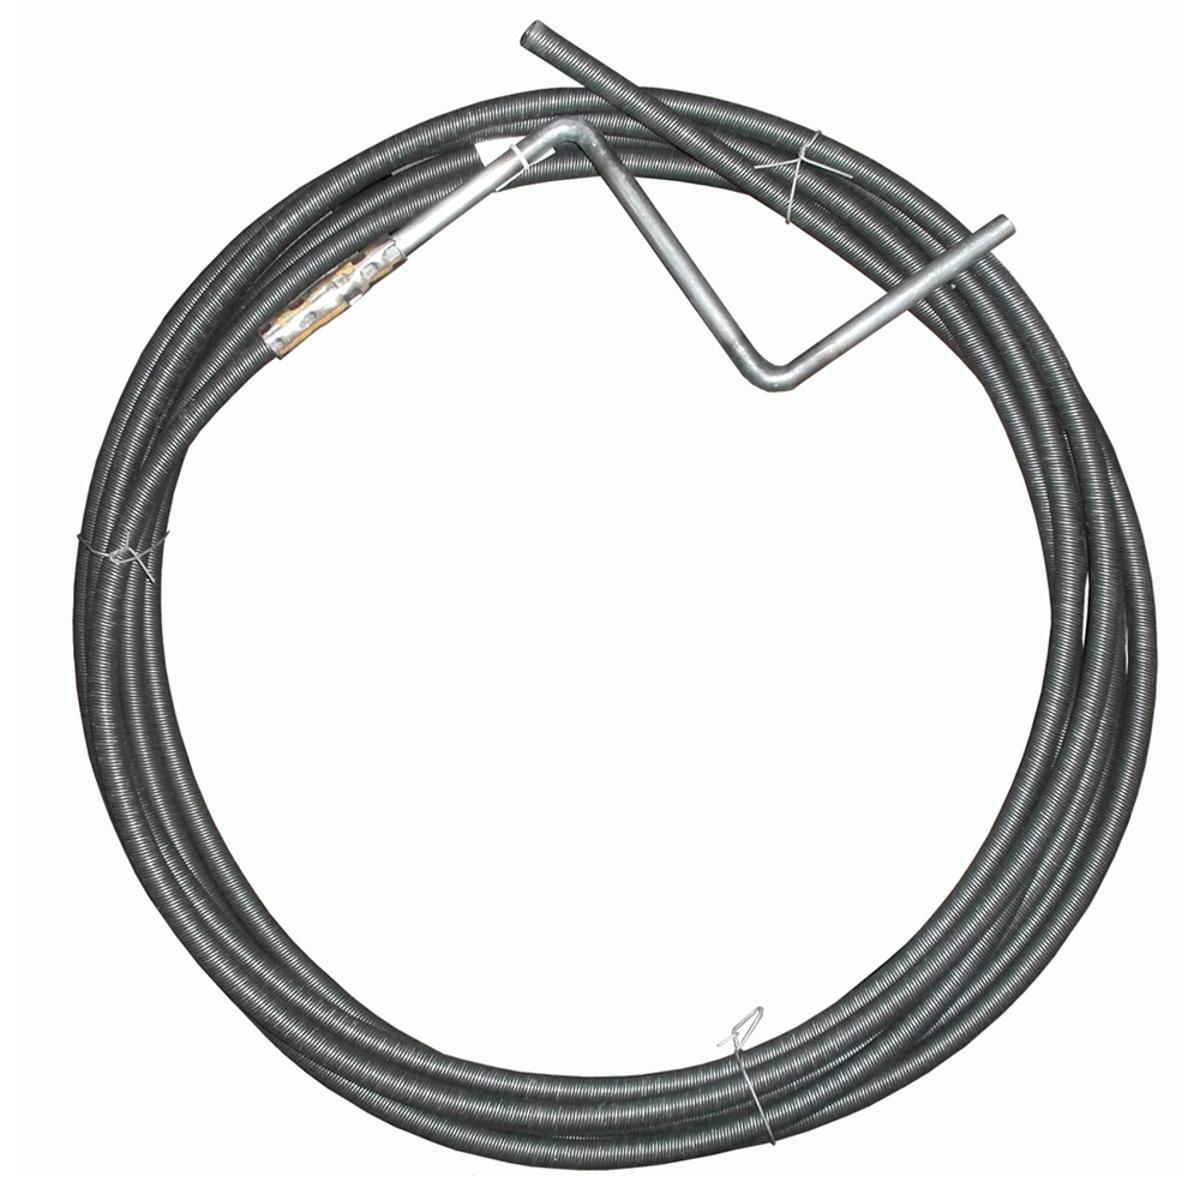 Трос для прочистки канализационных труб 9 мм х 2,5 м МастерПроф